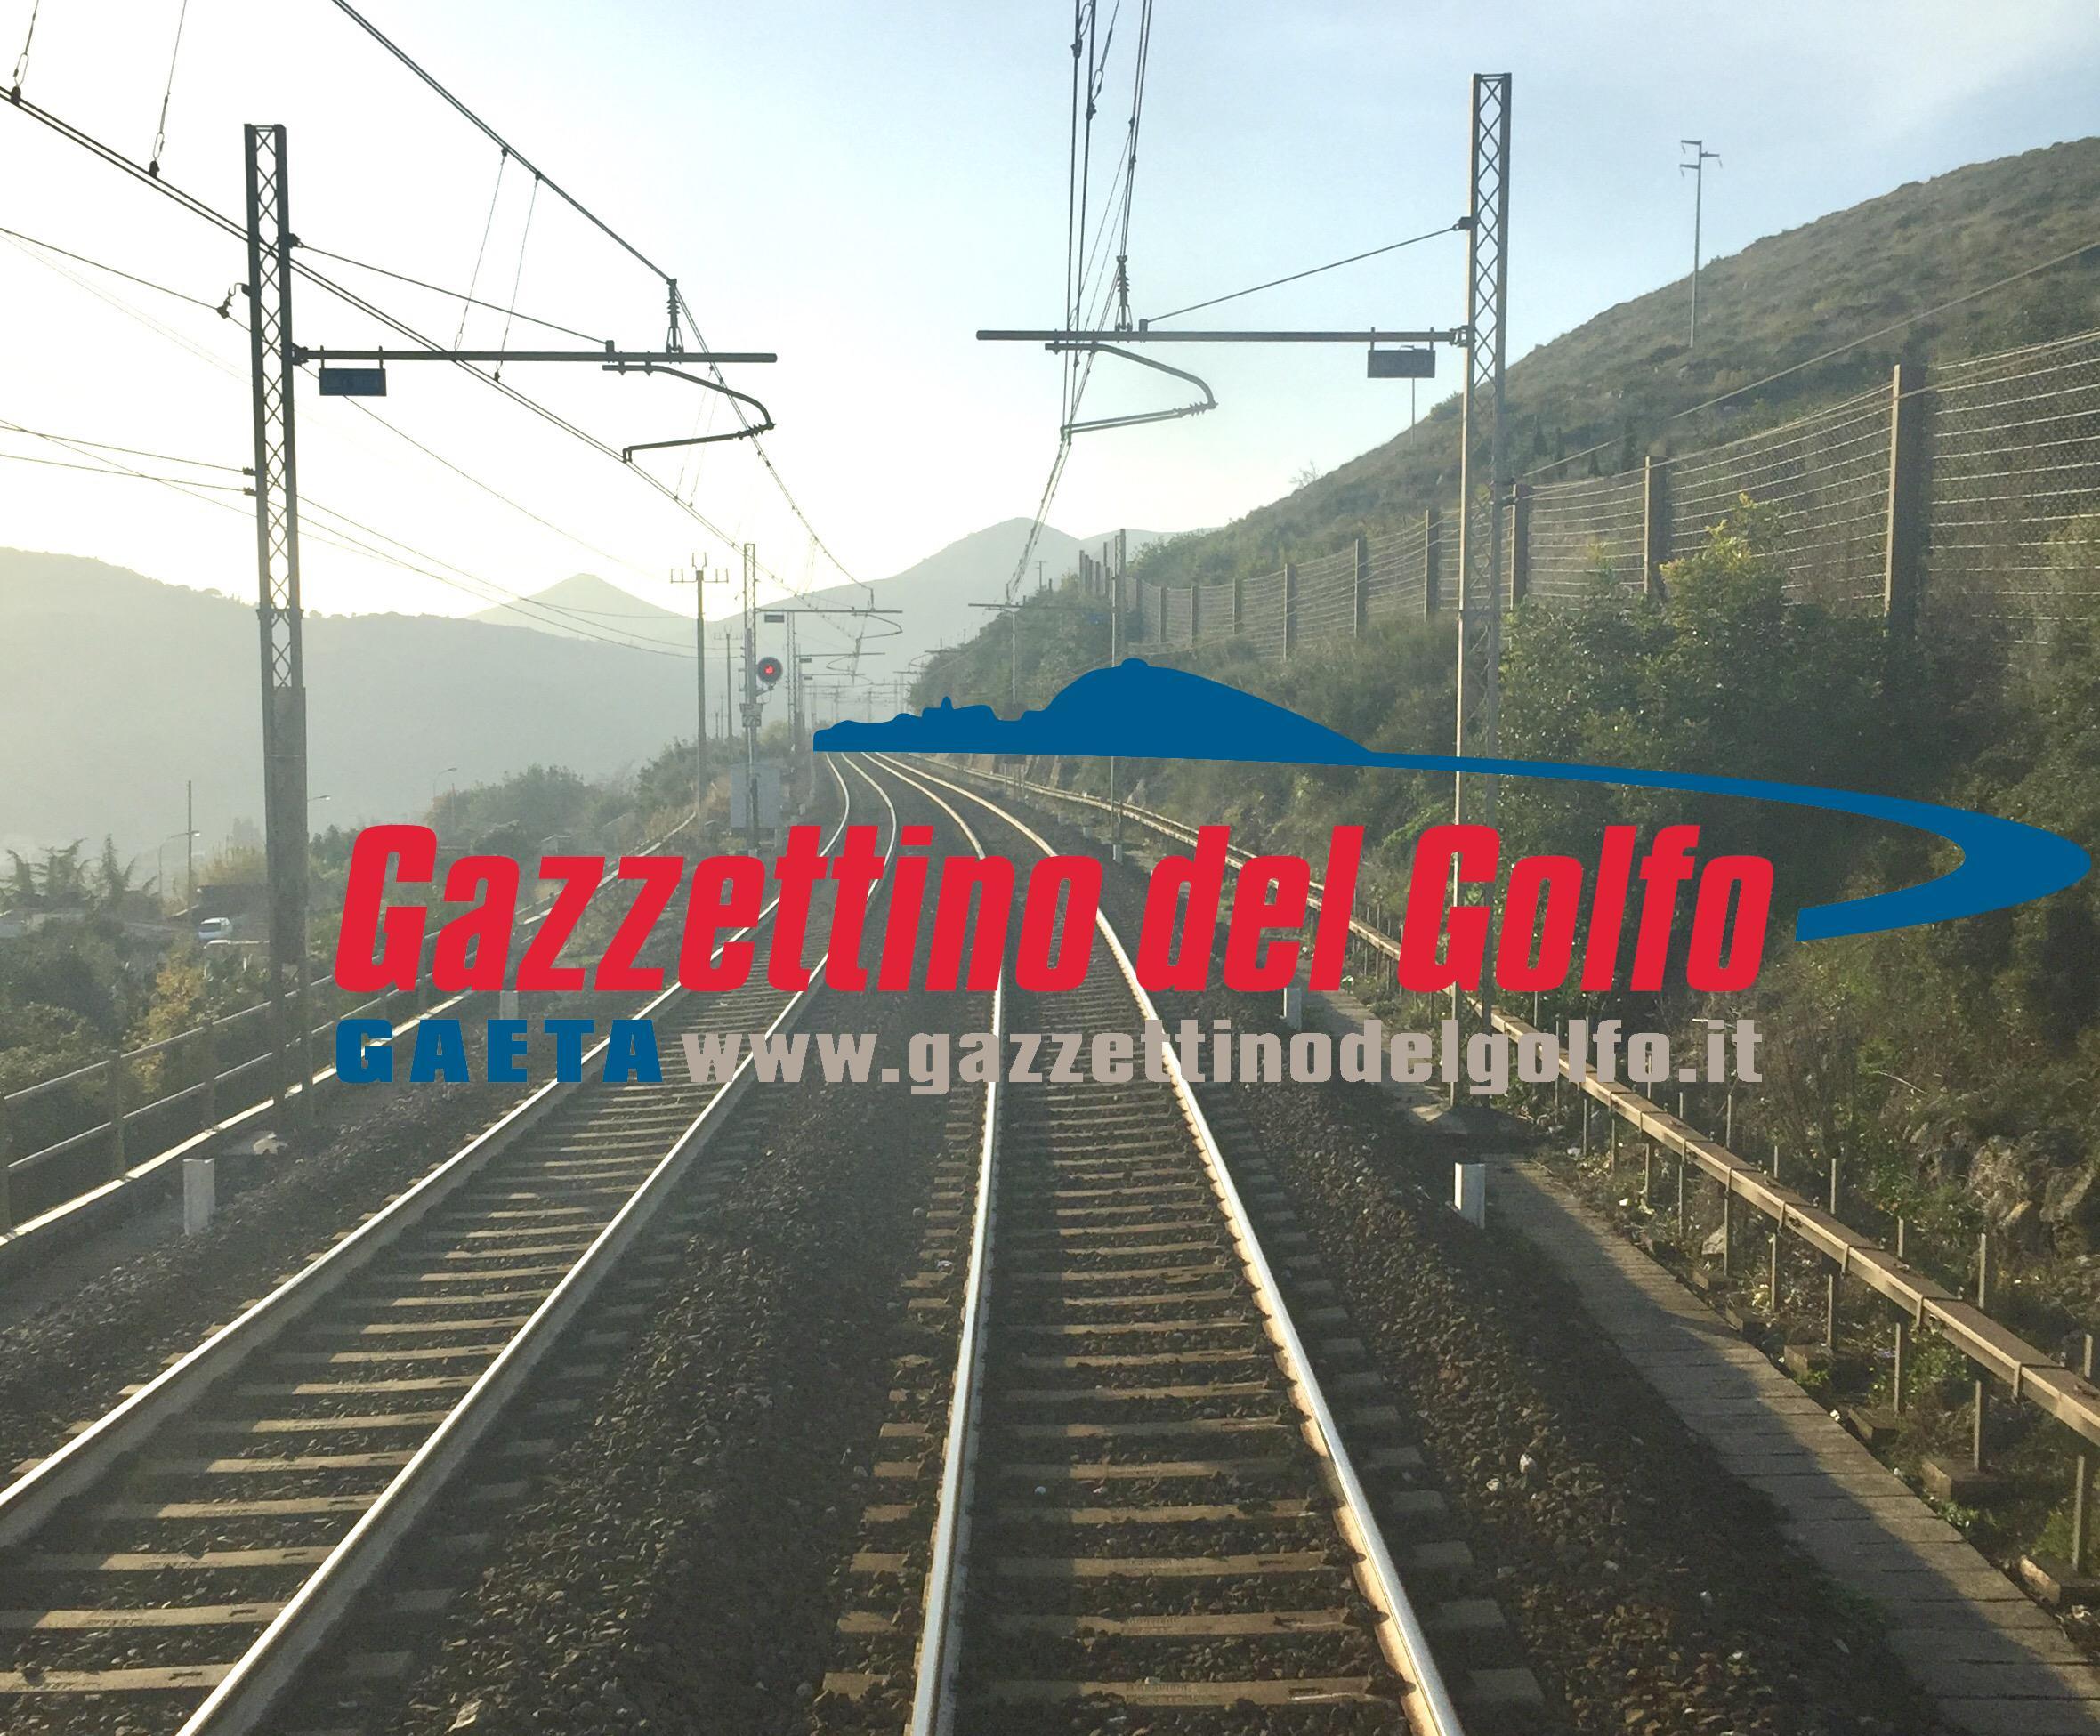 Trasporti, dalle ore 13.25 circolazione sospesa fra Formia-Gaeta e Minturno-Scauri per investimento